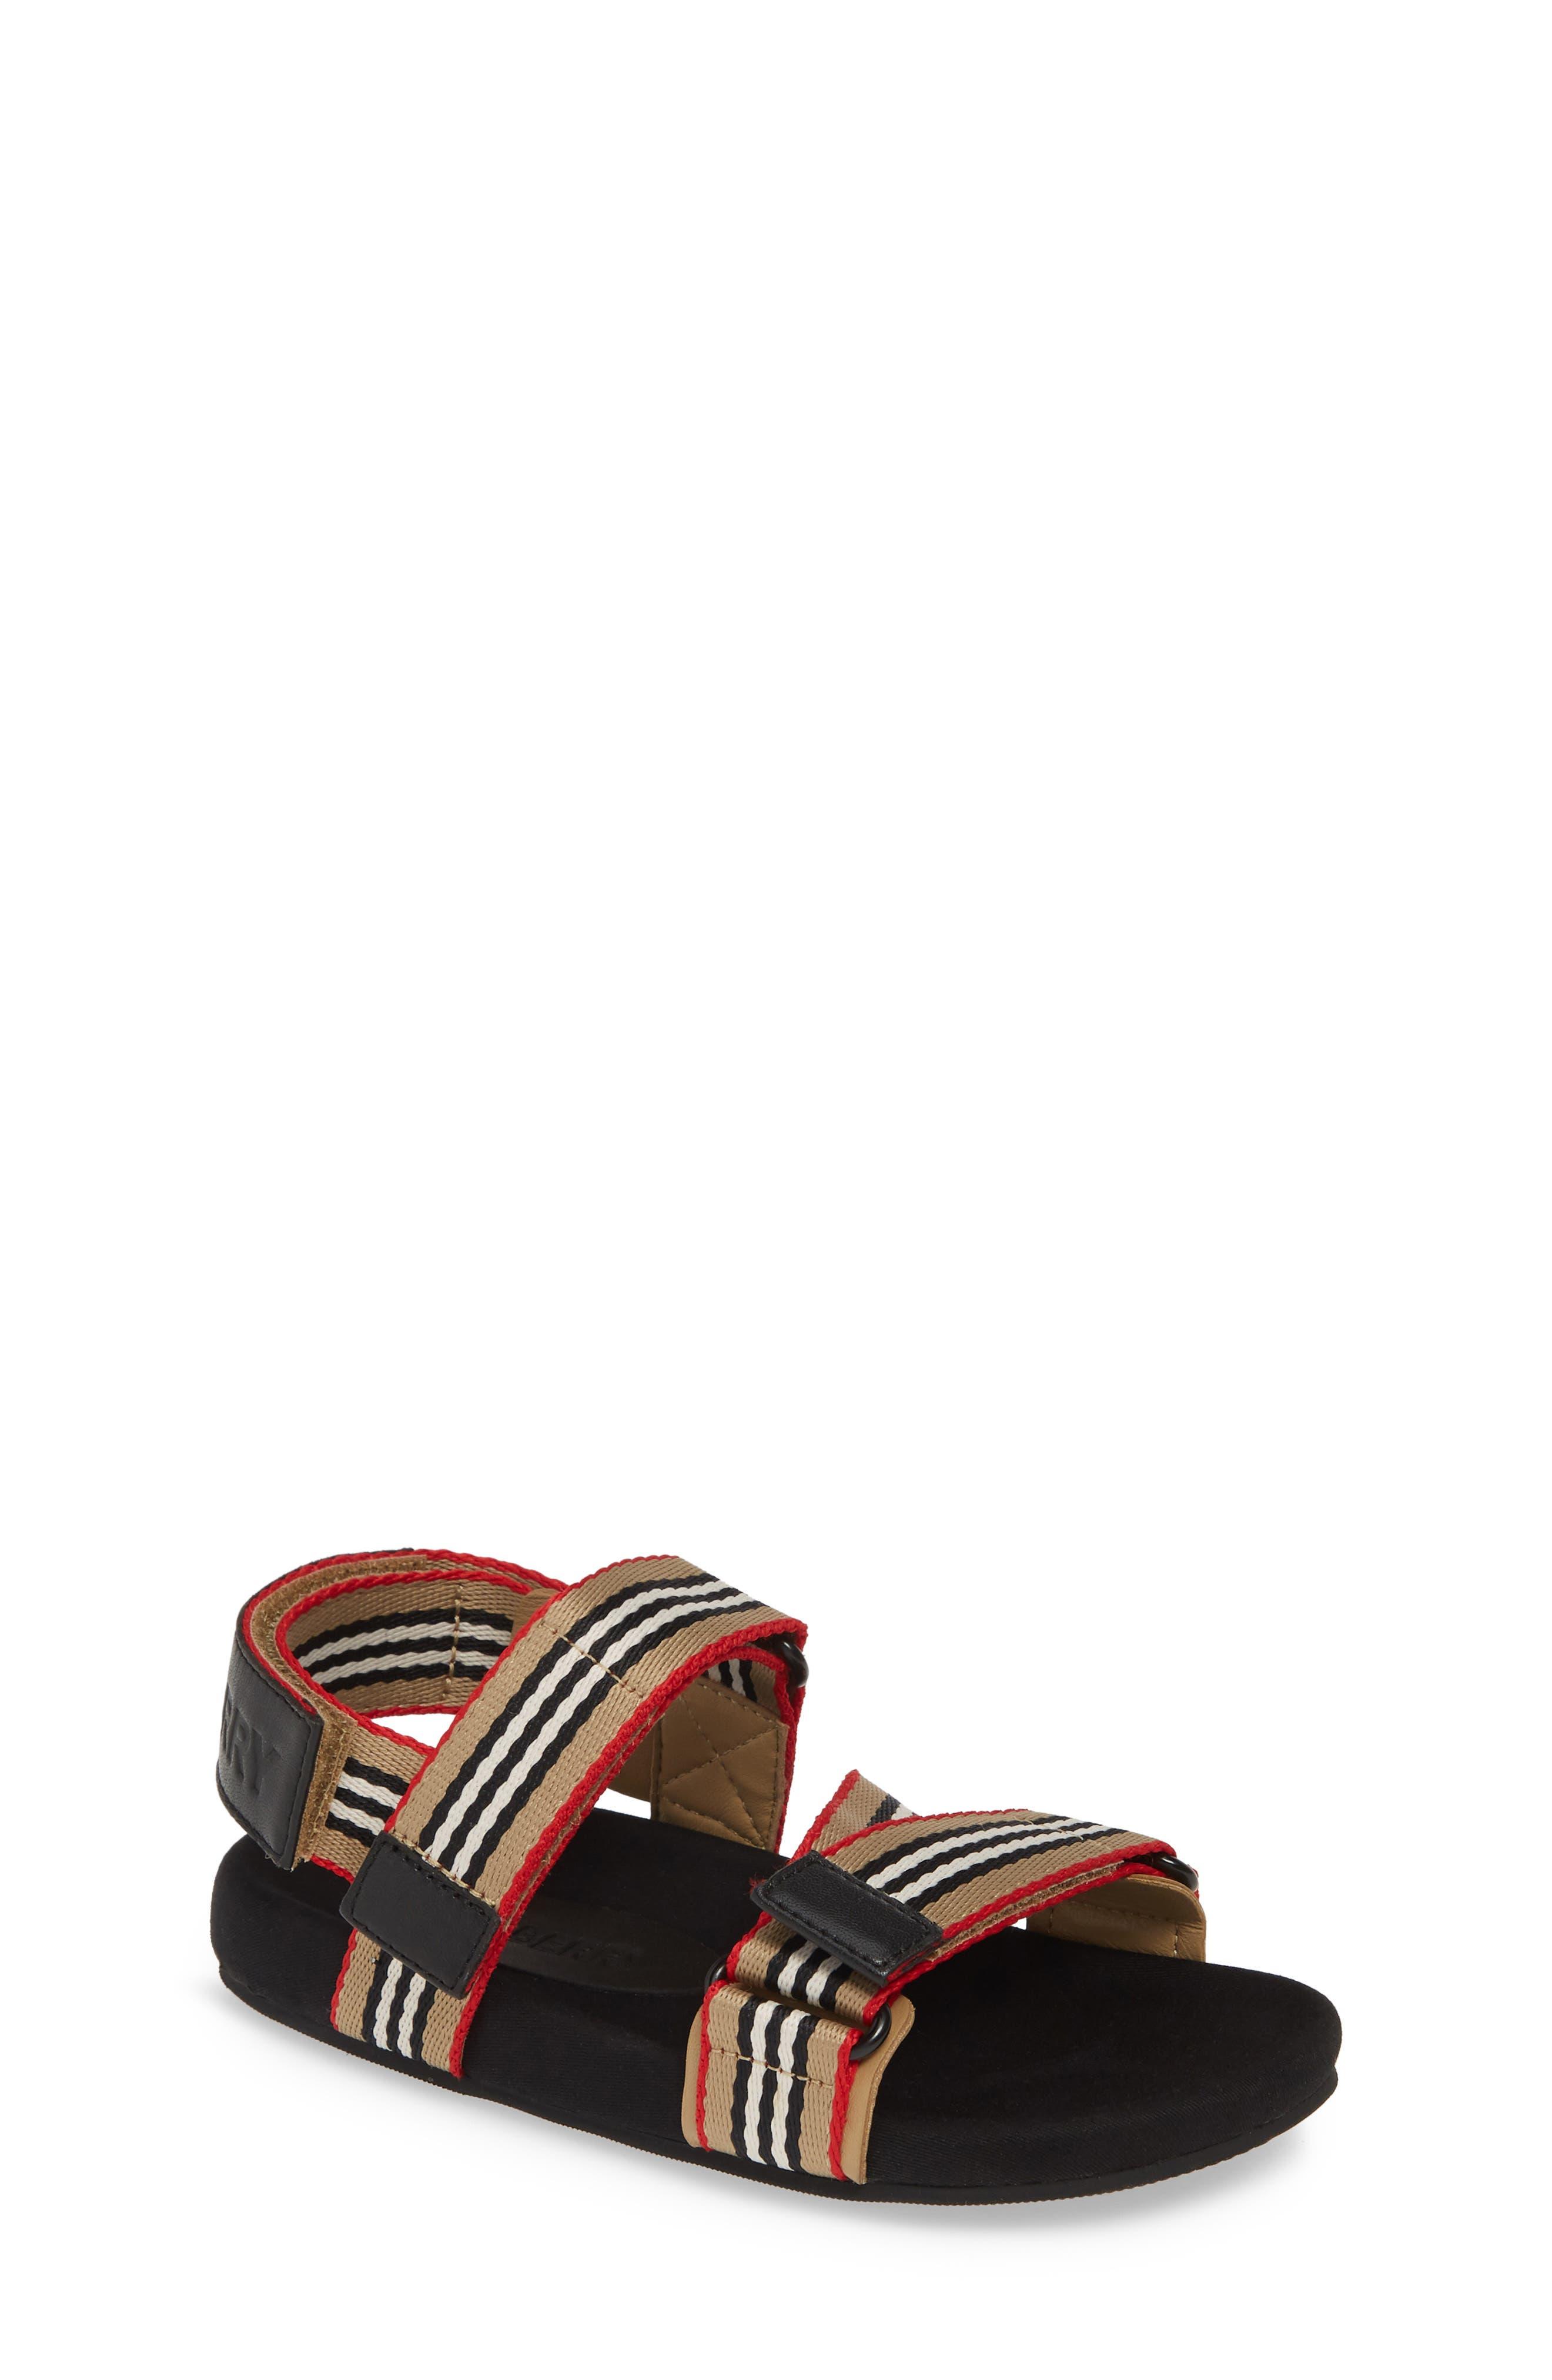 BURBERRY Redmire Sandal, Main, color, ARCH BEIGE/BLACK